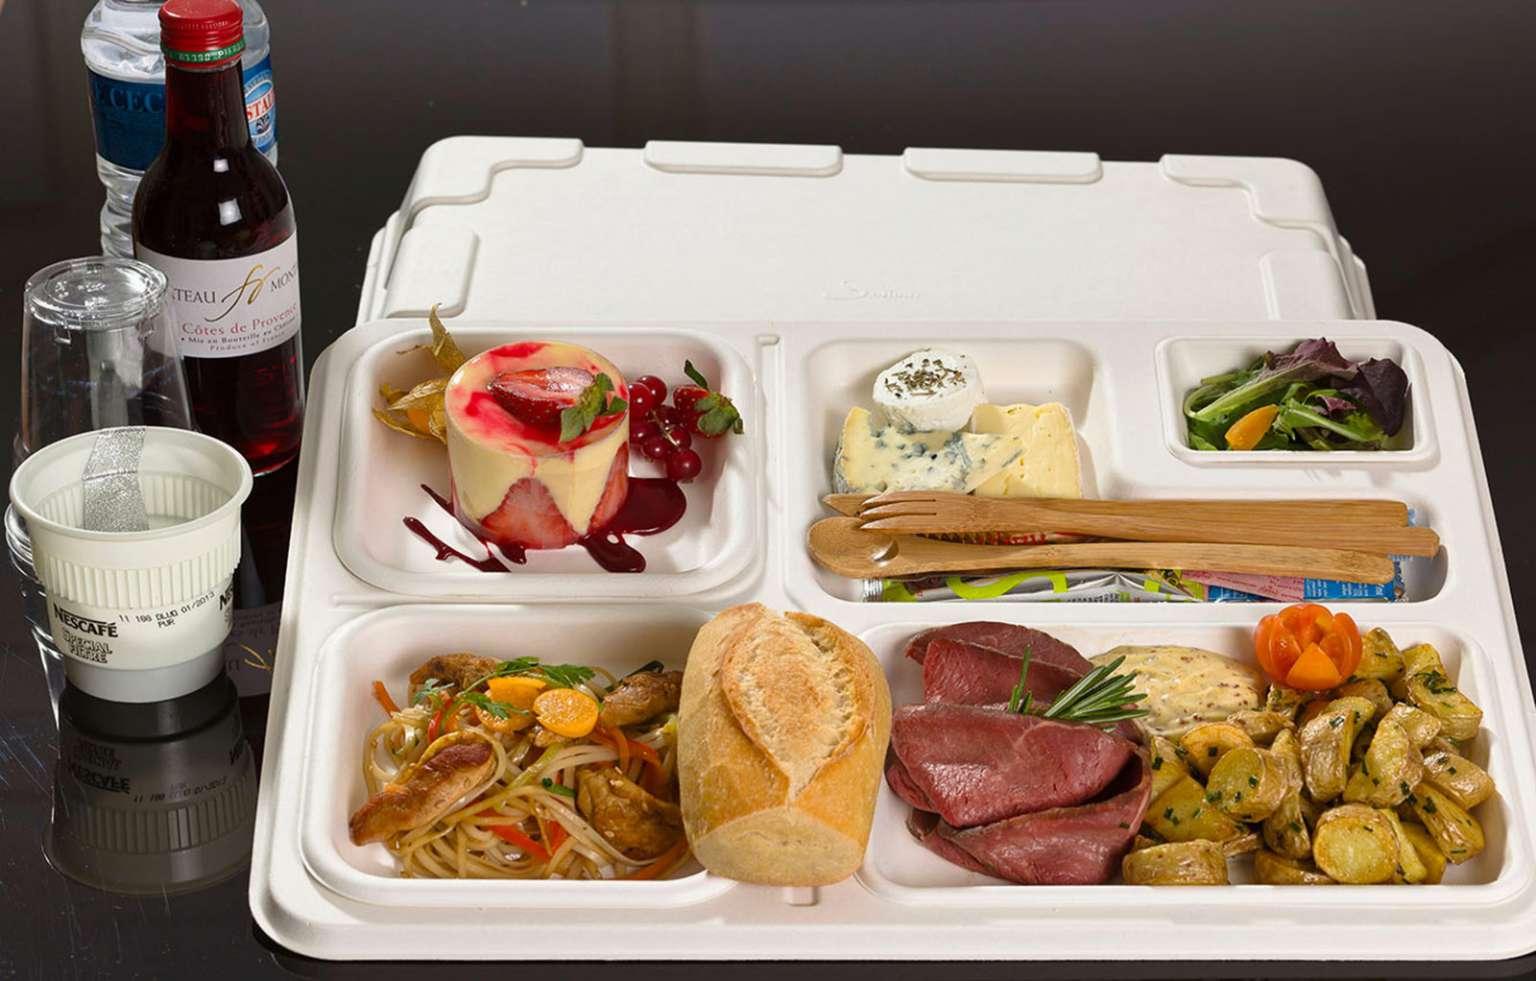 Bien manger au quotidien : comment garder la ligne ?